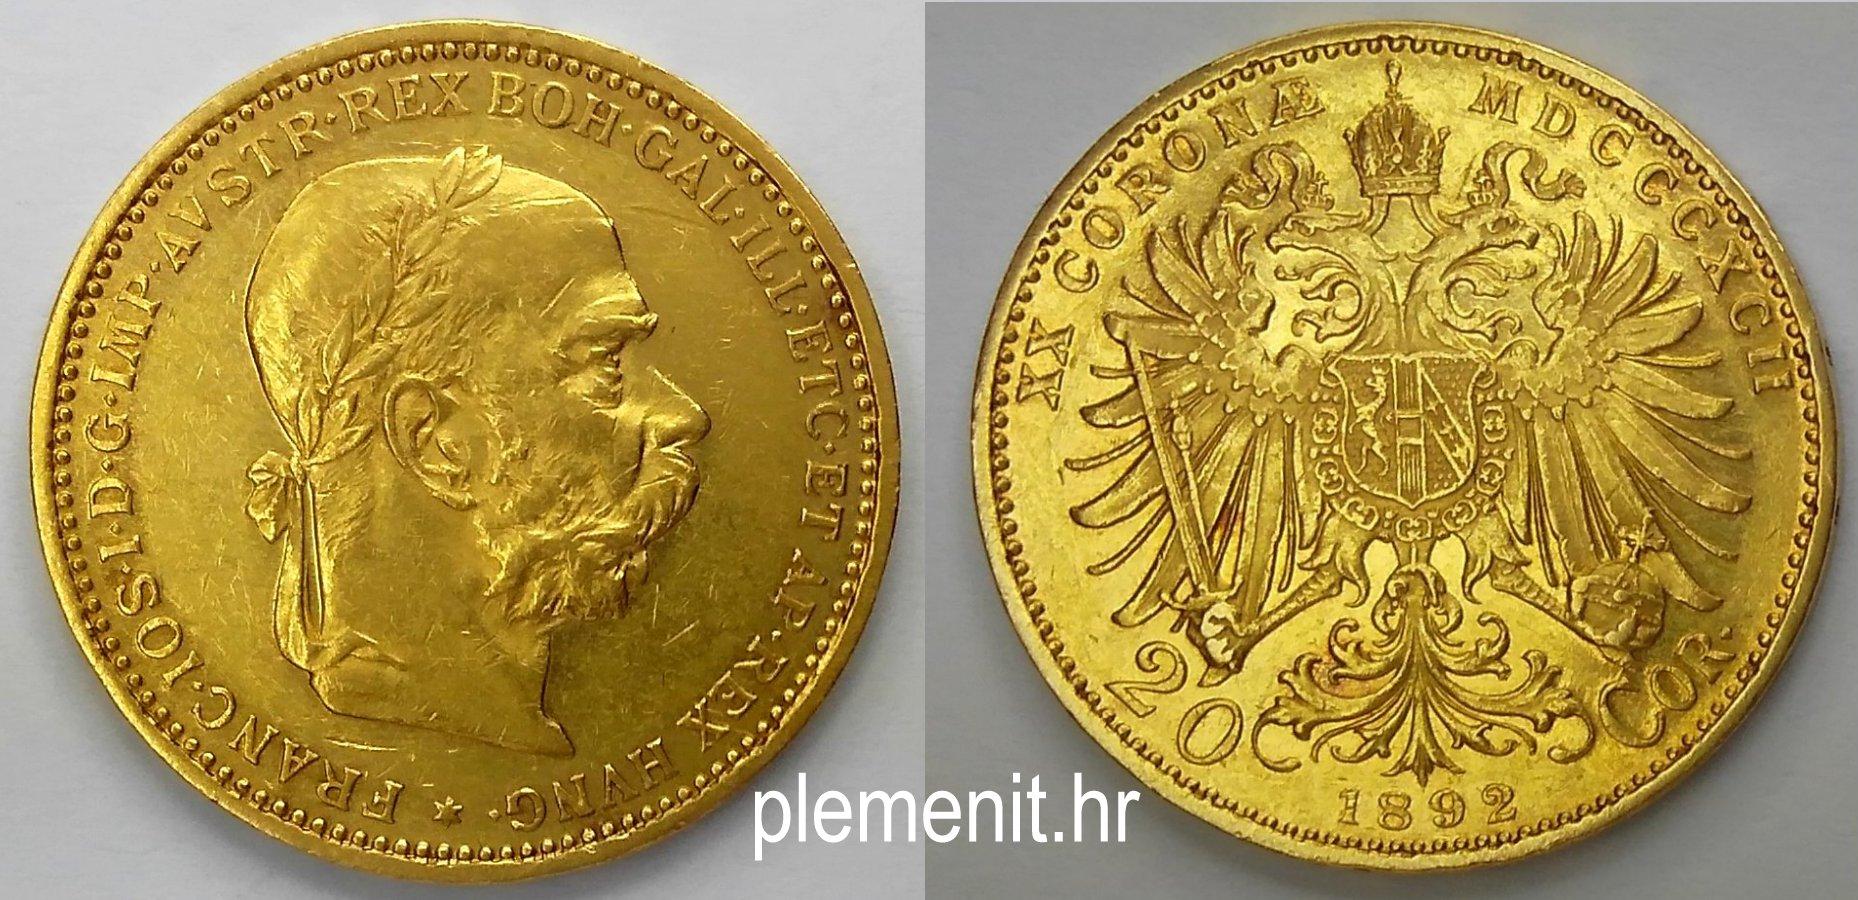 Zlatnik 20 corona Franc Ios 1892